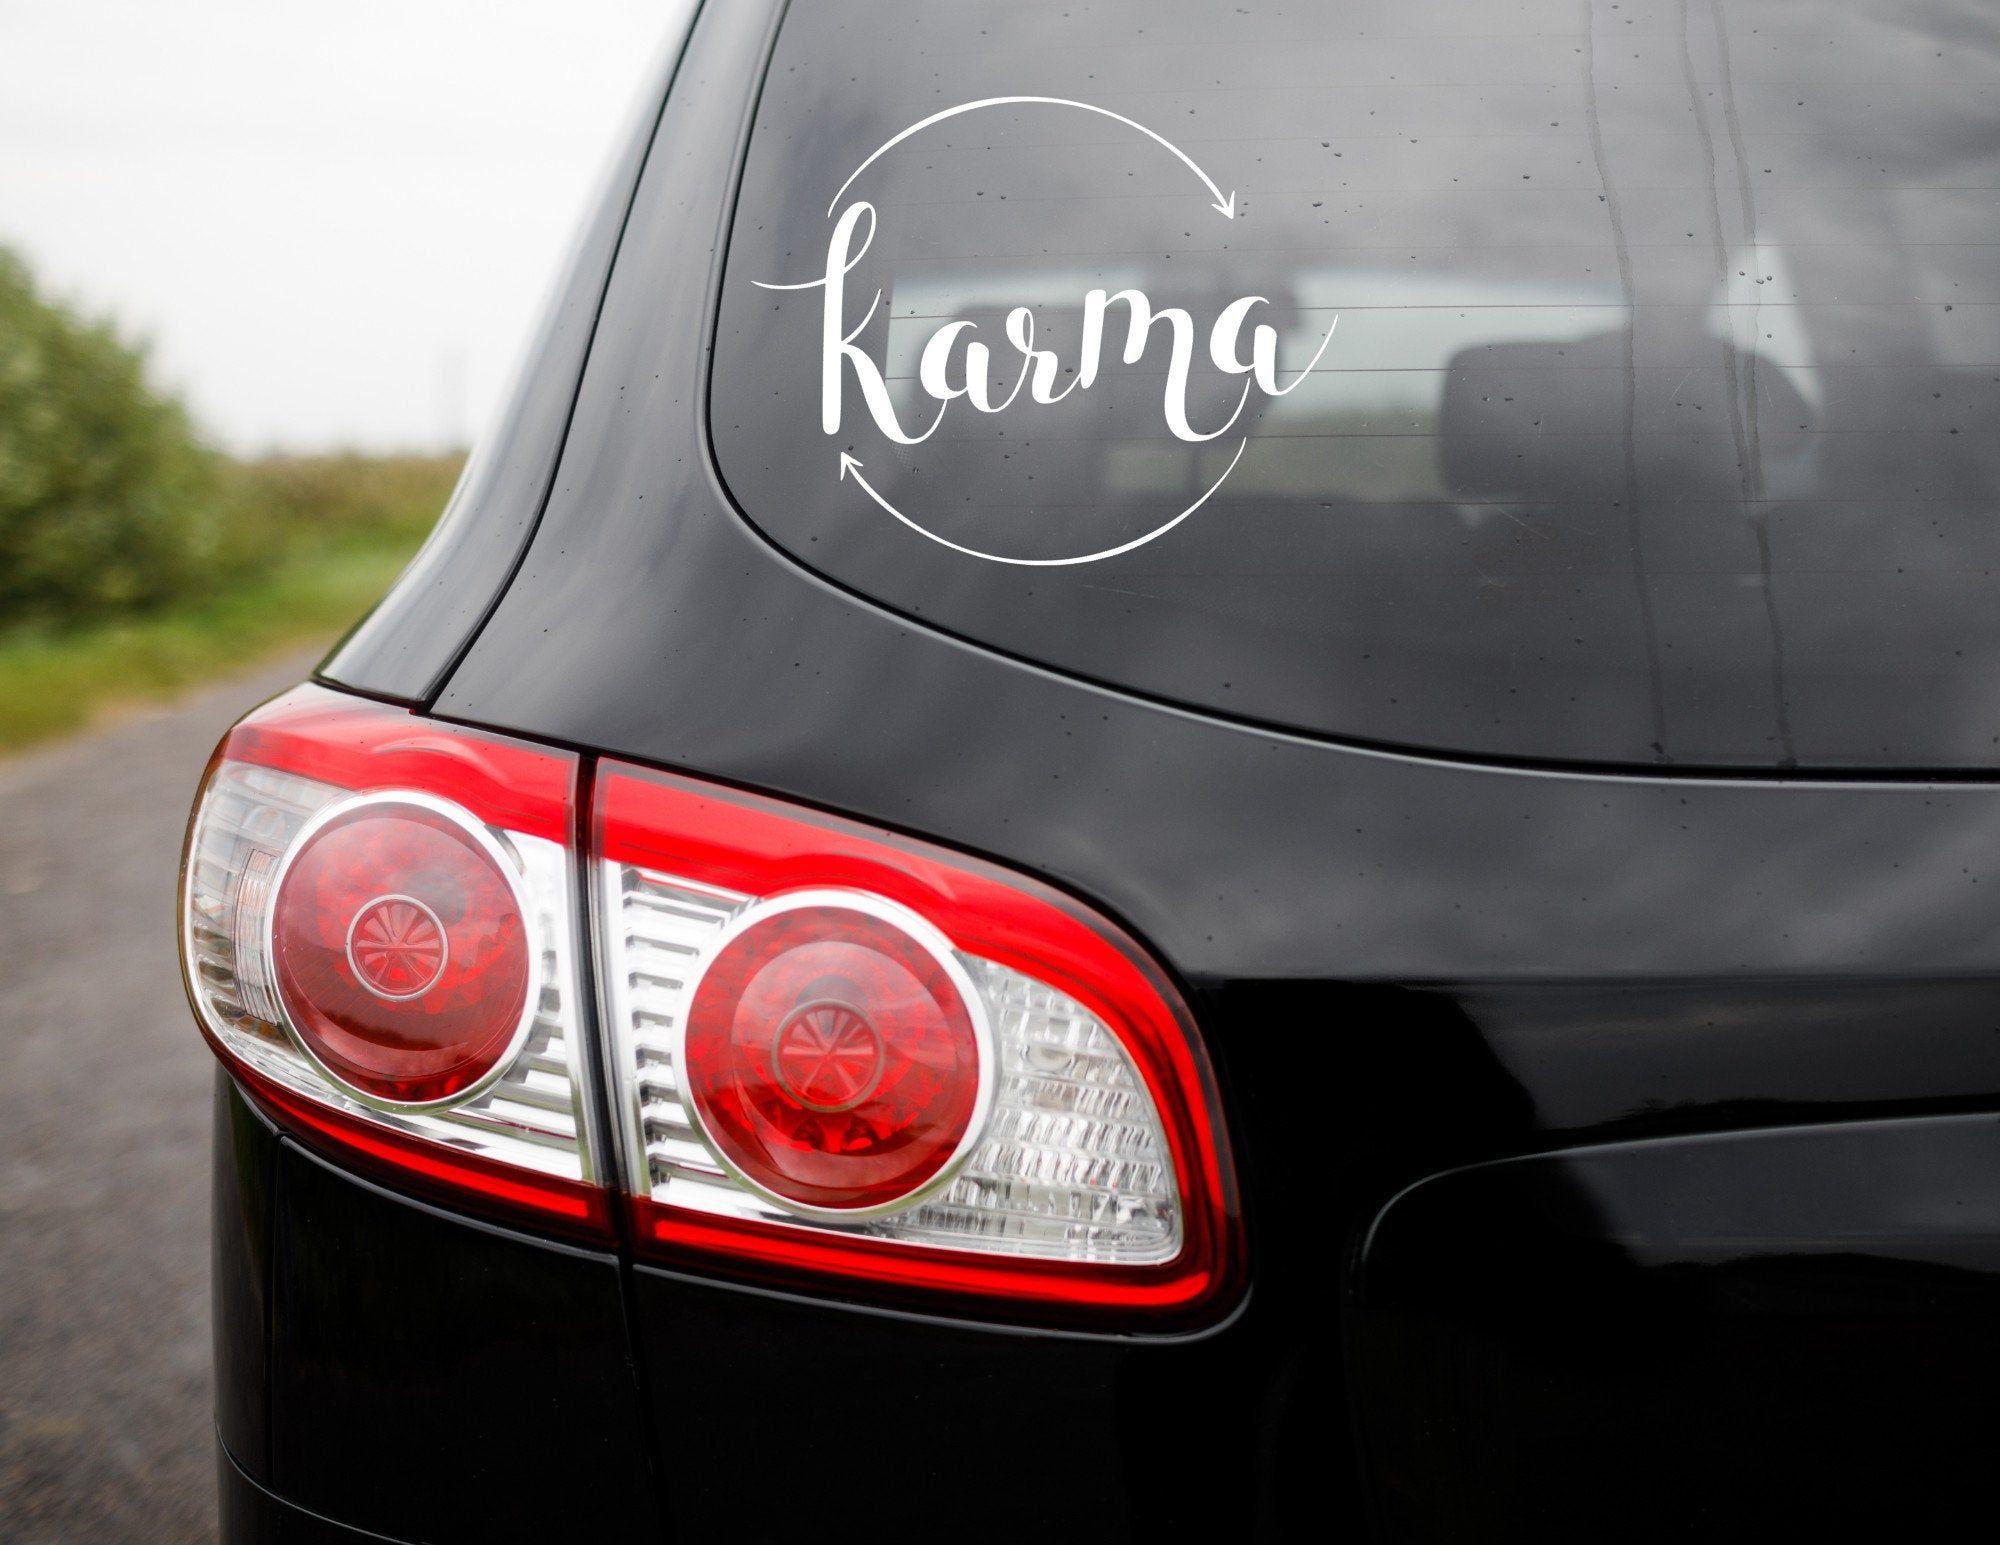 Karma Car Decal Karma Mug Sticker Karma Laptop Sticker Be A Etsy Vinyl Decals Laptop Vinyl Decal Bottle Decals [ 1545 x 2000 Pixel ]